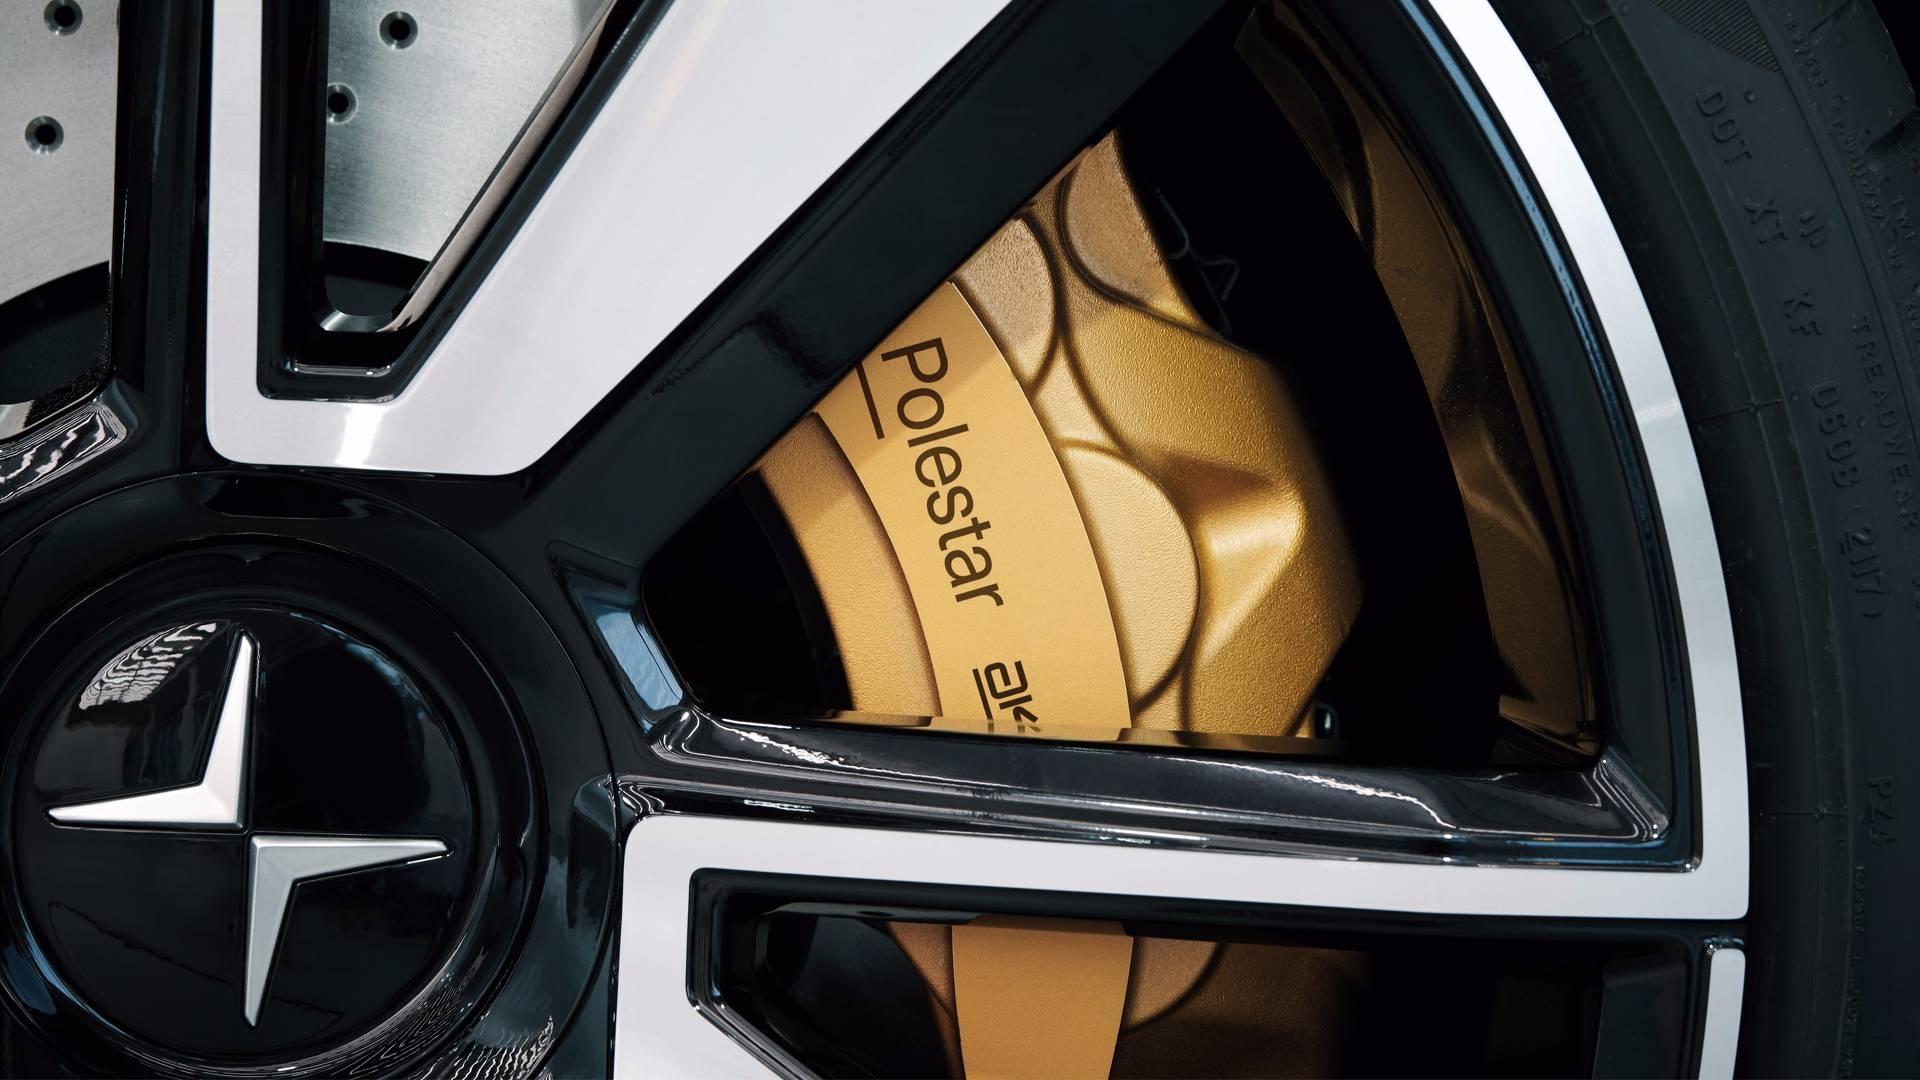 Oficial: Polestar 1, 600 caballos de potencia en guisa de auténtico coupé